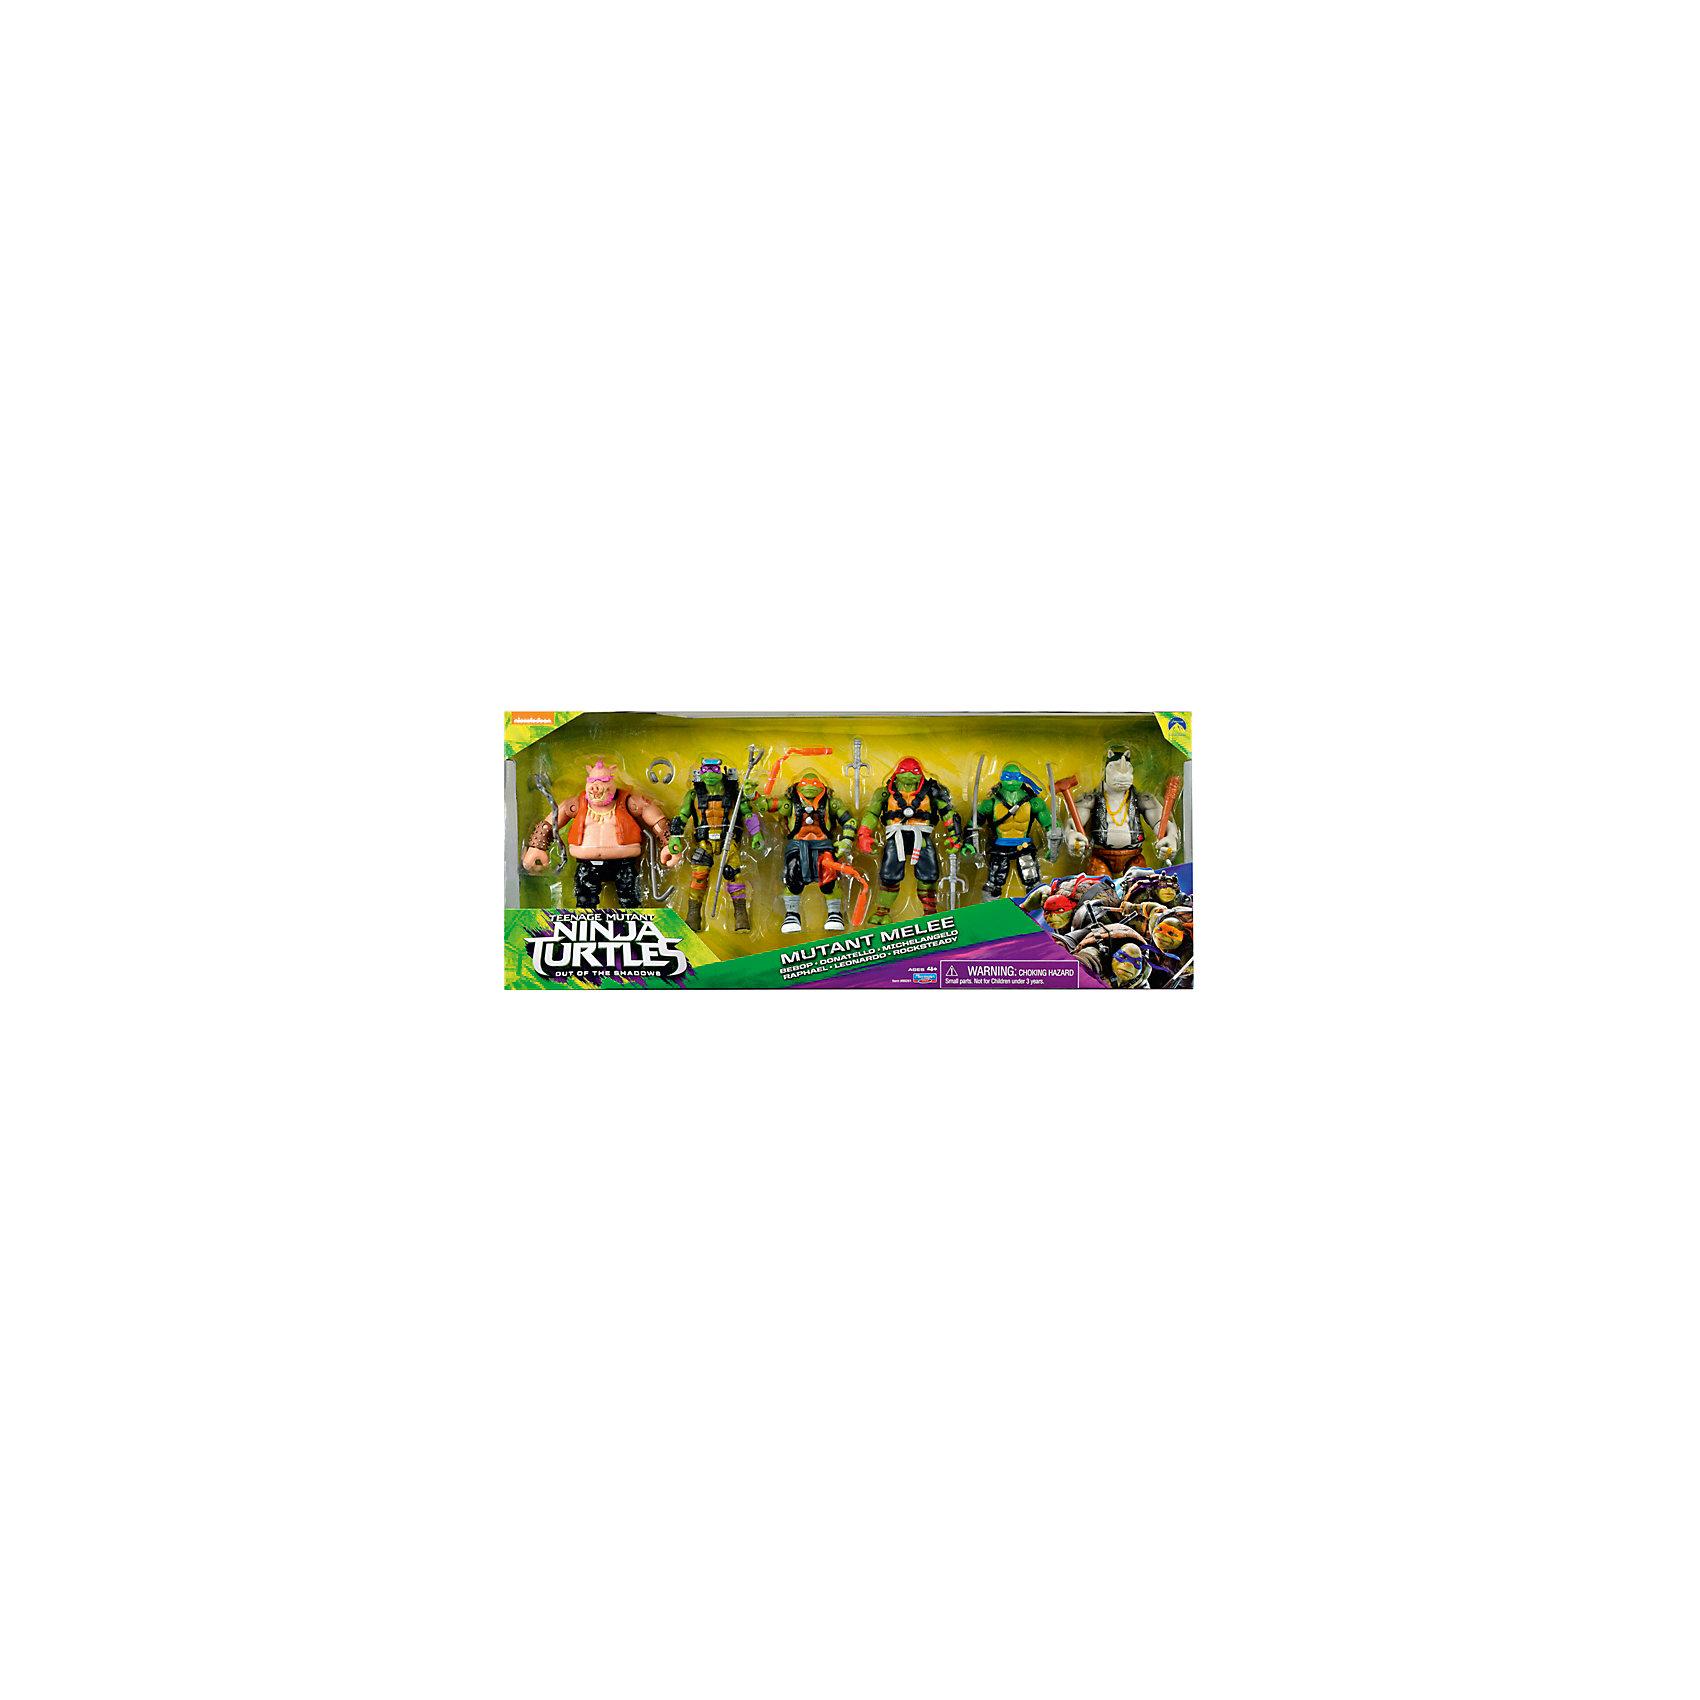 Набор из 6 фигурок, 11-13 см, Черепашки НиндзяНабор из 6 фигурок, Черепашки Ниндзя, Movie Line, станет приятным сюрпризом для Вашего ребенка, особенно если он является поклонником популярного мультсериала Черепашки Ниндзя. Отважные черепашки-мутанты, владеющие боевыми искусствами, переживают невероятные приключения, спасая мир от злодеев. В игровом наборе представлены все четверо братьев-черепашек - Донателло, Рафаэль, Микеланджело и Леонардо, а также их противники - помощники злодея Шредера - Бибоп и Рокстеди. Все фигурки выполнены с высокой степенью детализации и полностью повторяют своих экранных персонажей. У каждой из фигурок есть свое оружие, подвижные руки и ноги.<br><br>Дополнительная информация:<br><br>- В комплекте: 6 фигурок + оружие к ним.<br>- Материал: пластик.<br>- Высота фигурок: 11-13 см.<br>- Размер упаковки: 19 x 35,5 x 6,4 см.  <br>- Вес: 0,975 кг. <br><br>Набор из 6 фигурок, 11-13 см., Черепашки Ниндзя, Movie Line, можно купить в нашем интернет-магазине.<br><br>Ширина мм: 190<br>Глубина мм: 355<br>Высота мм: 64<br>Вес г: 975<br>Возраст от месяцев: 36<br>Возраст до месяцев: 144<br>Пол: Мужской<br>Возраст: Детский<br>SKU: 4657951